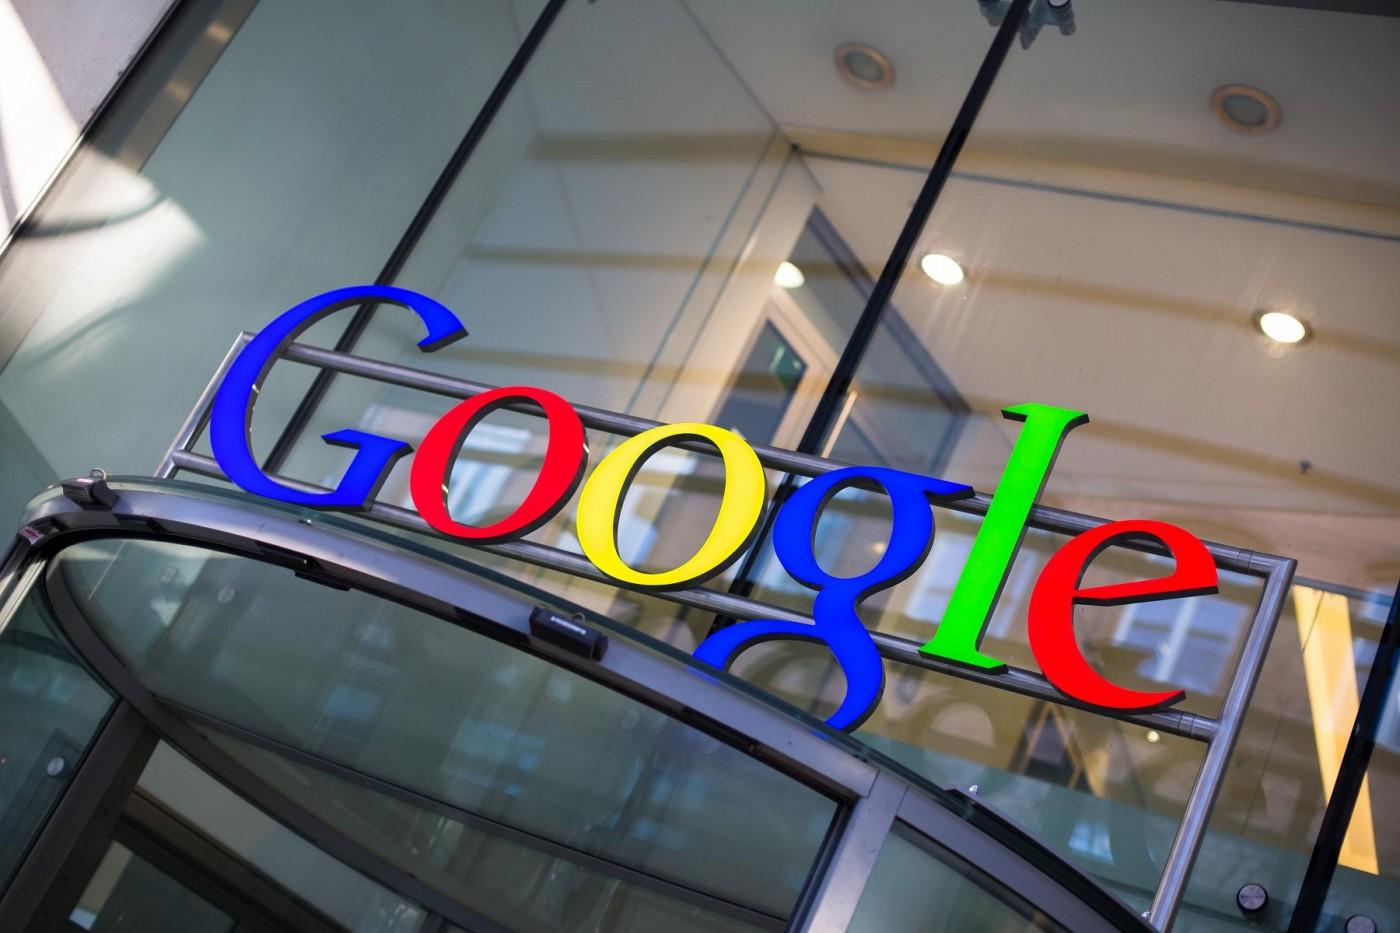 為下一代Pixel手機鋪路!Google打算投資LG 1兆韓圜穩定OLED面板器供給